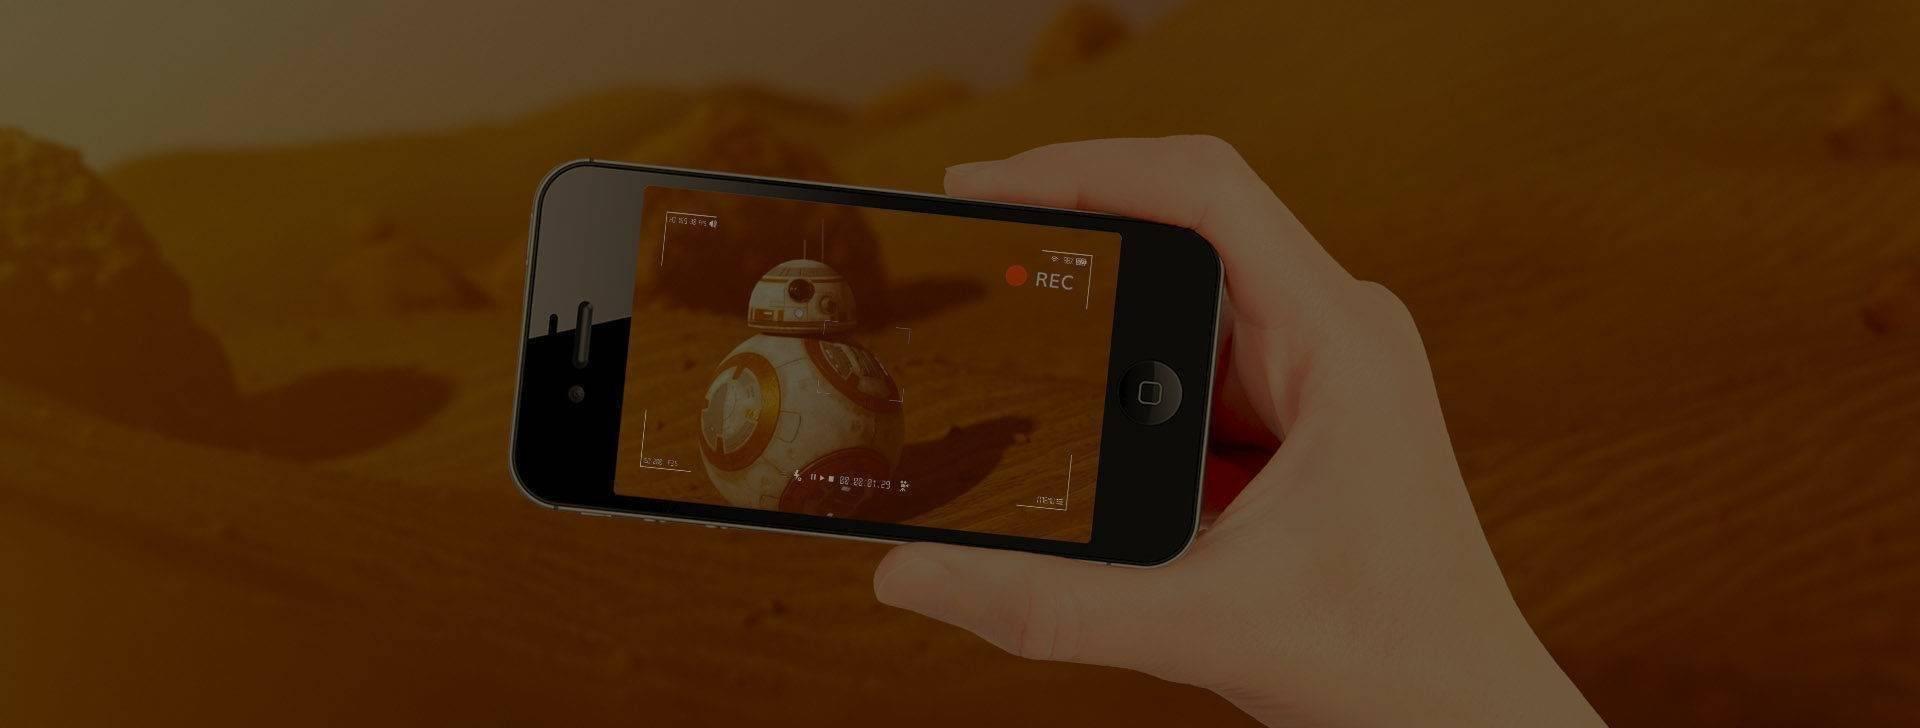 Tu móvil puede ser inteligente, pero como soporte publicitario es genial